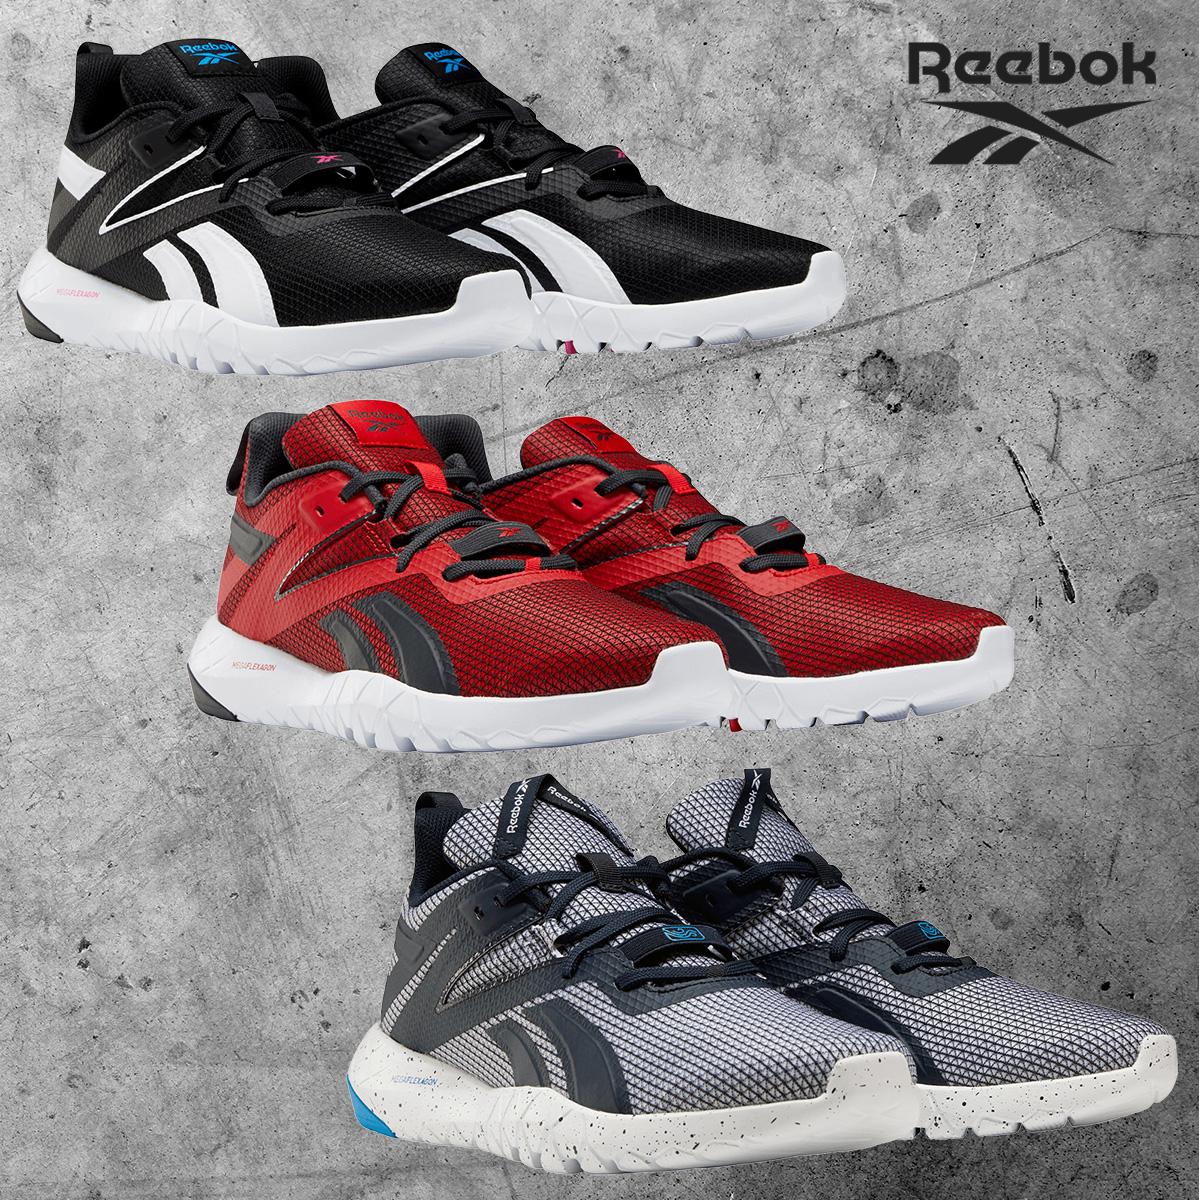 Reebok Schuh Mega Flexagon in 3 Farben // Größen 38,5 bis 47